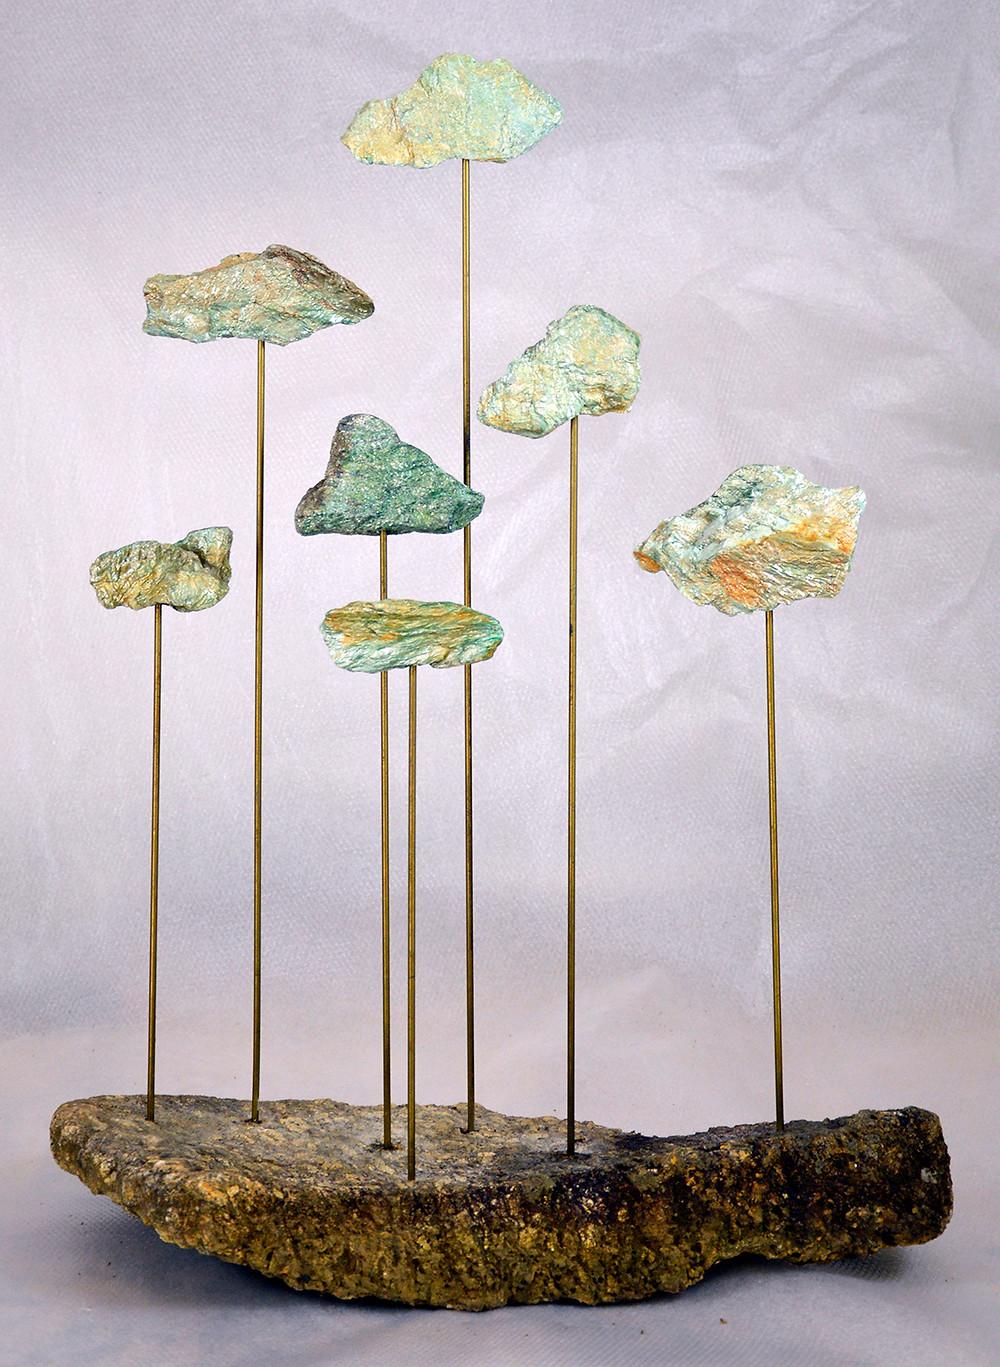 foto da obra de arte do artista Ribahi. Obra em pedras e vergalhões.